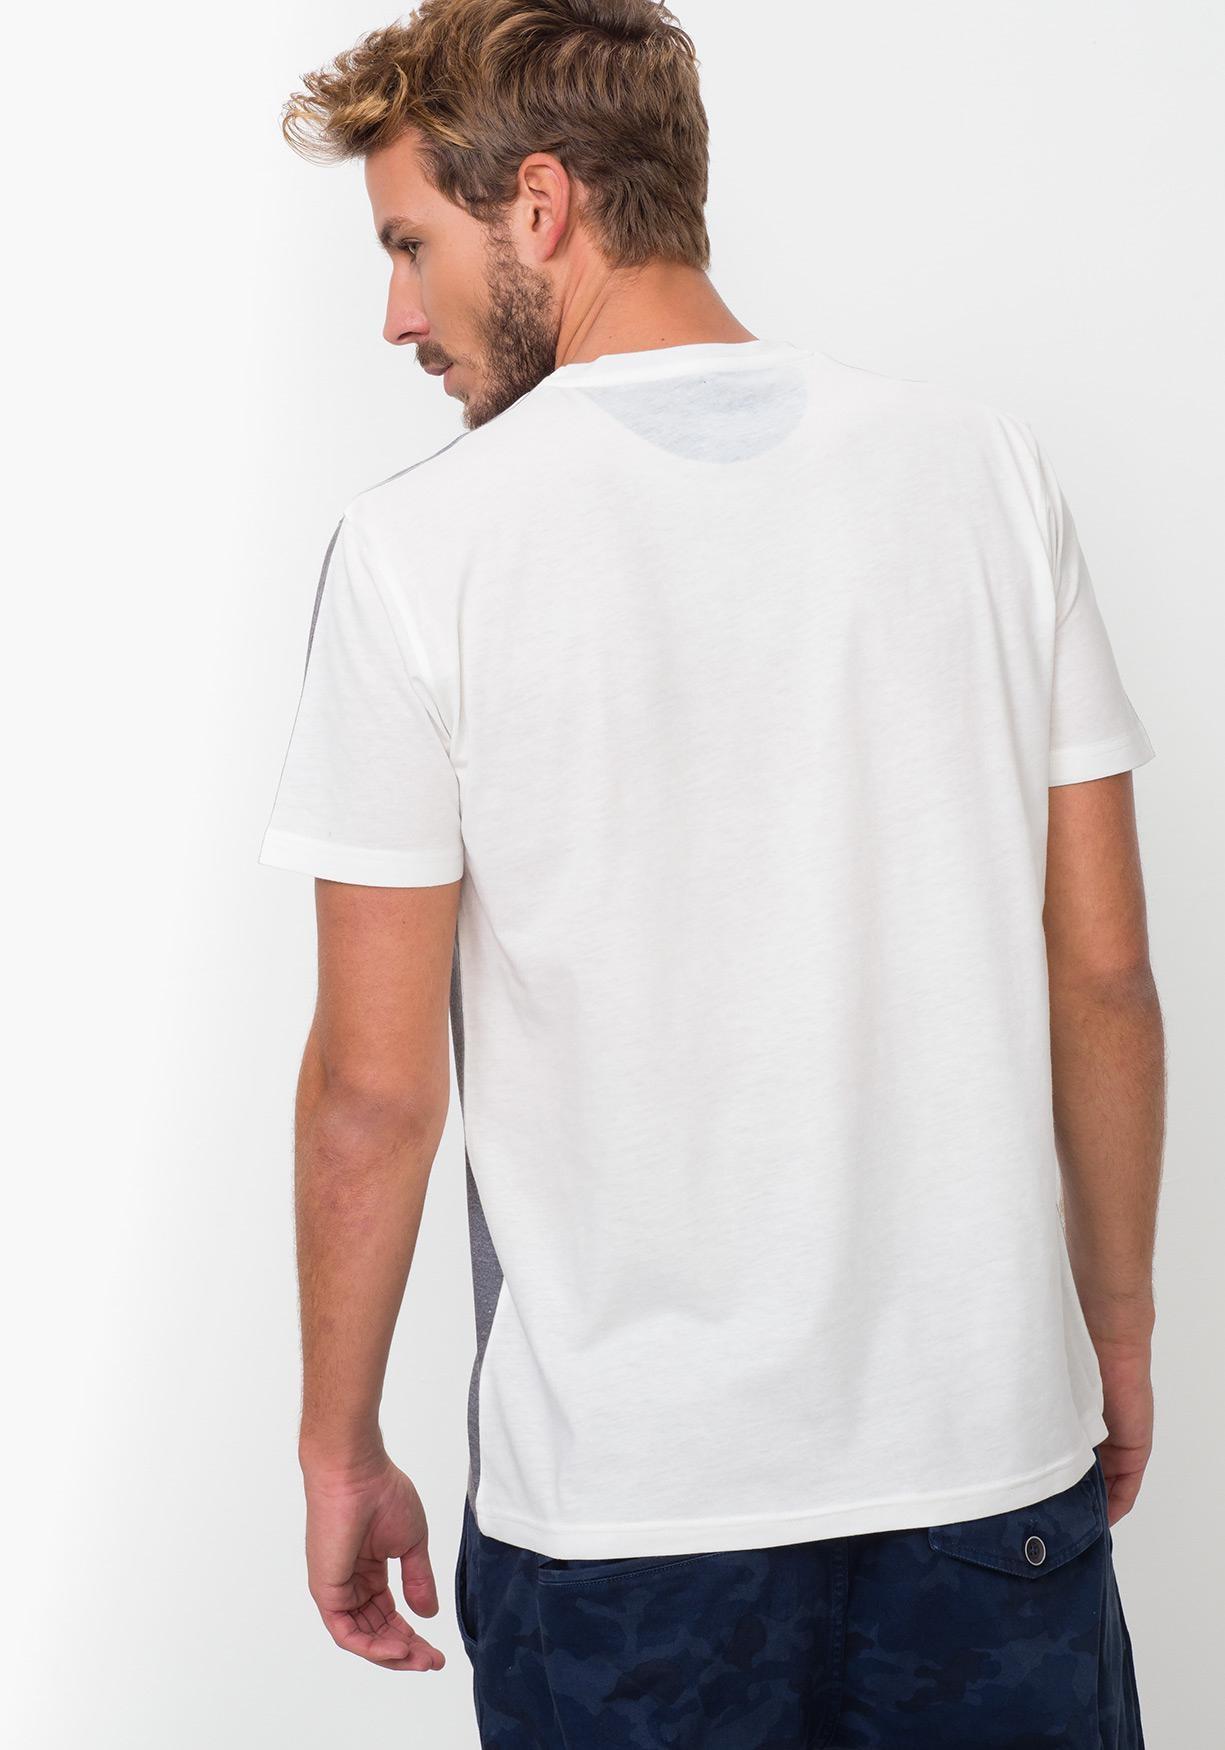 f017c230b Comprar Camiseta Halloween. ¡Aprovéchate de nuestros precios y ...